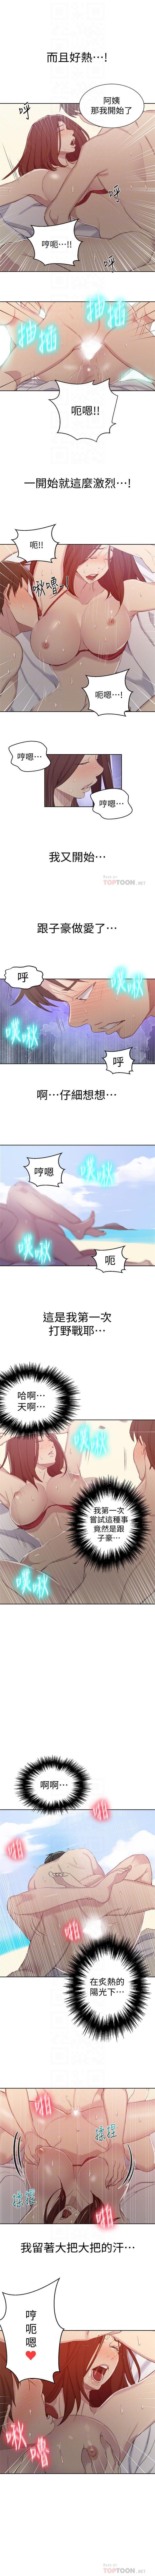 秘密教學  1-63 官方中文(連載中) 390